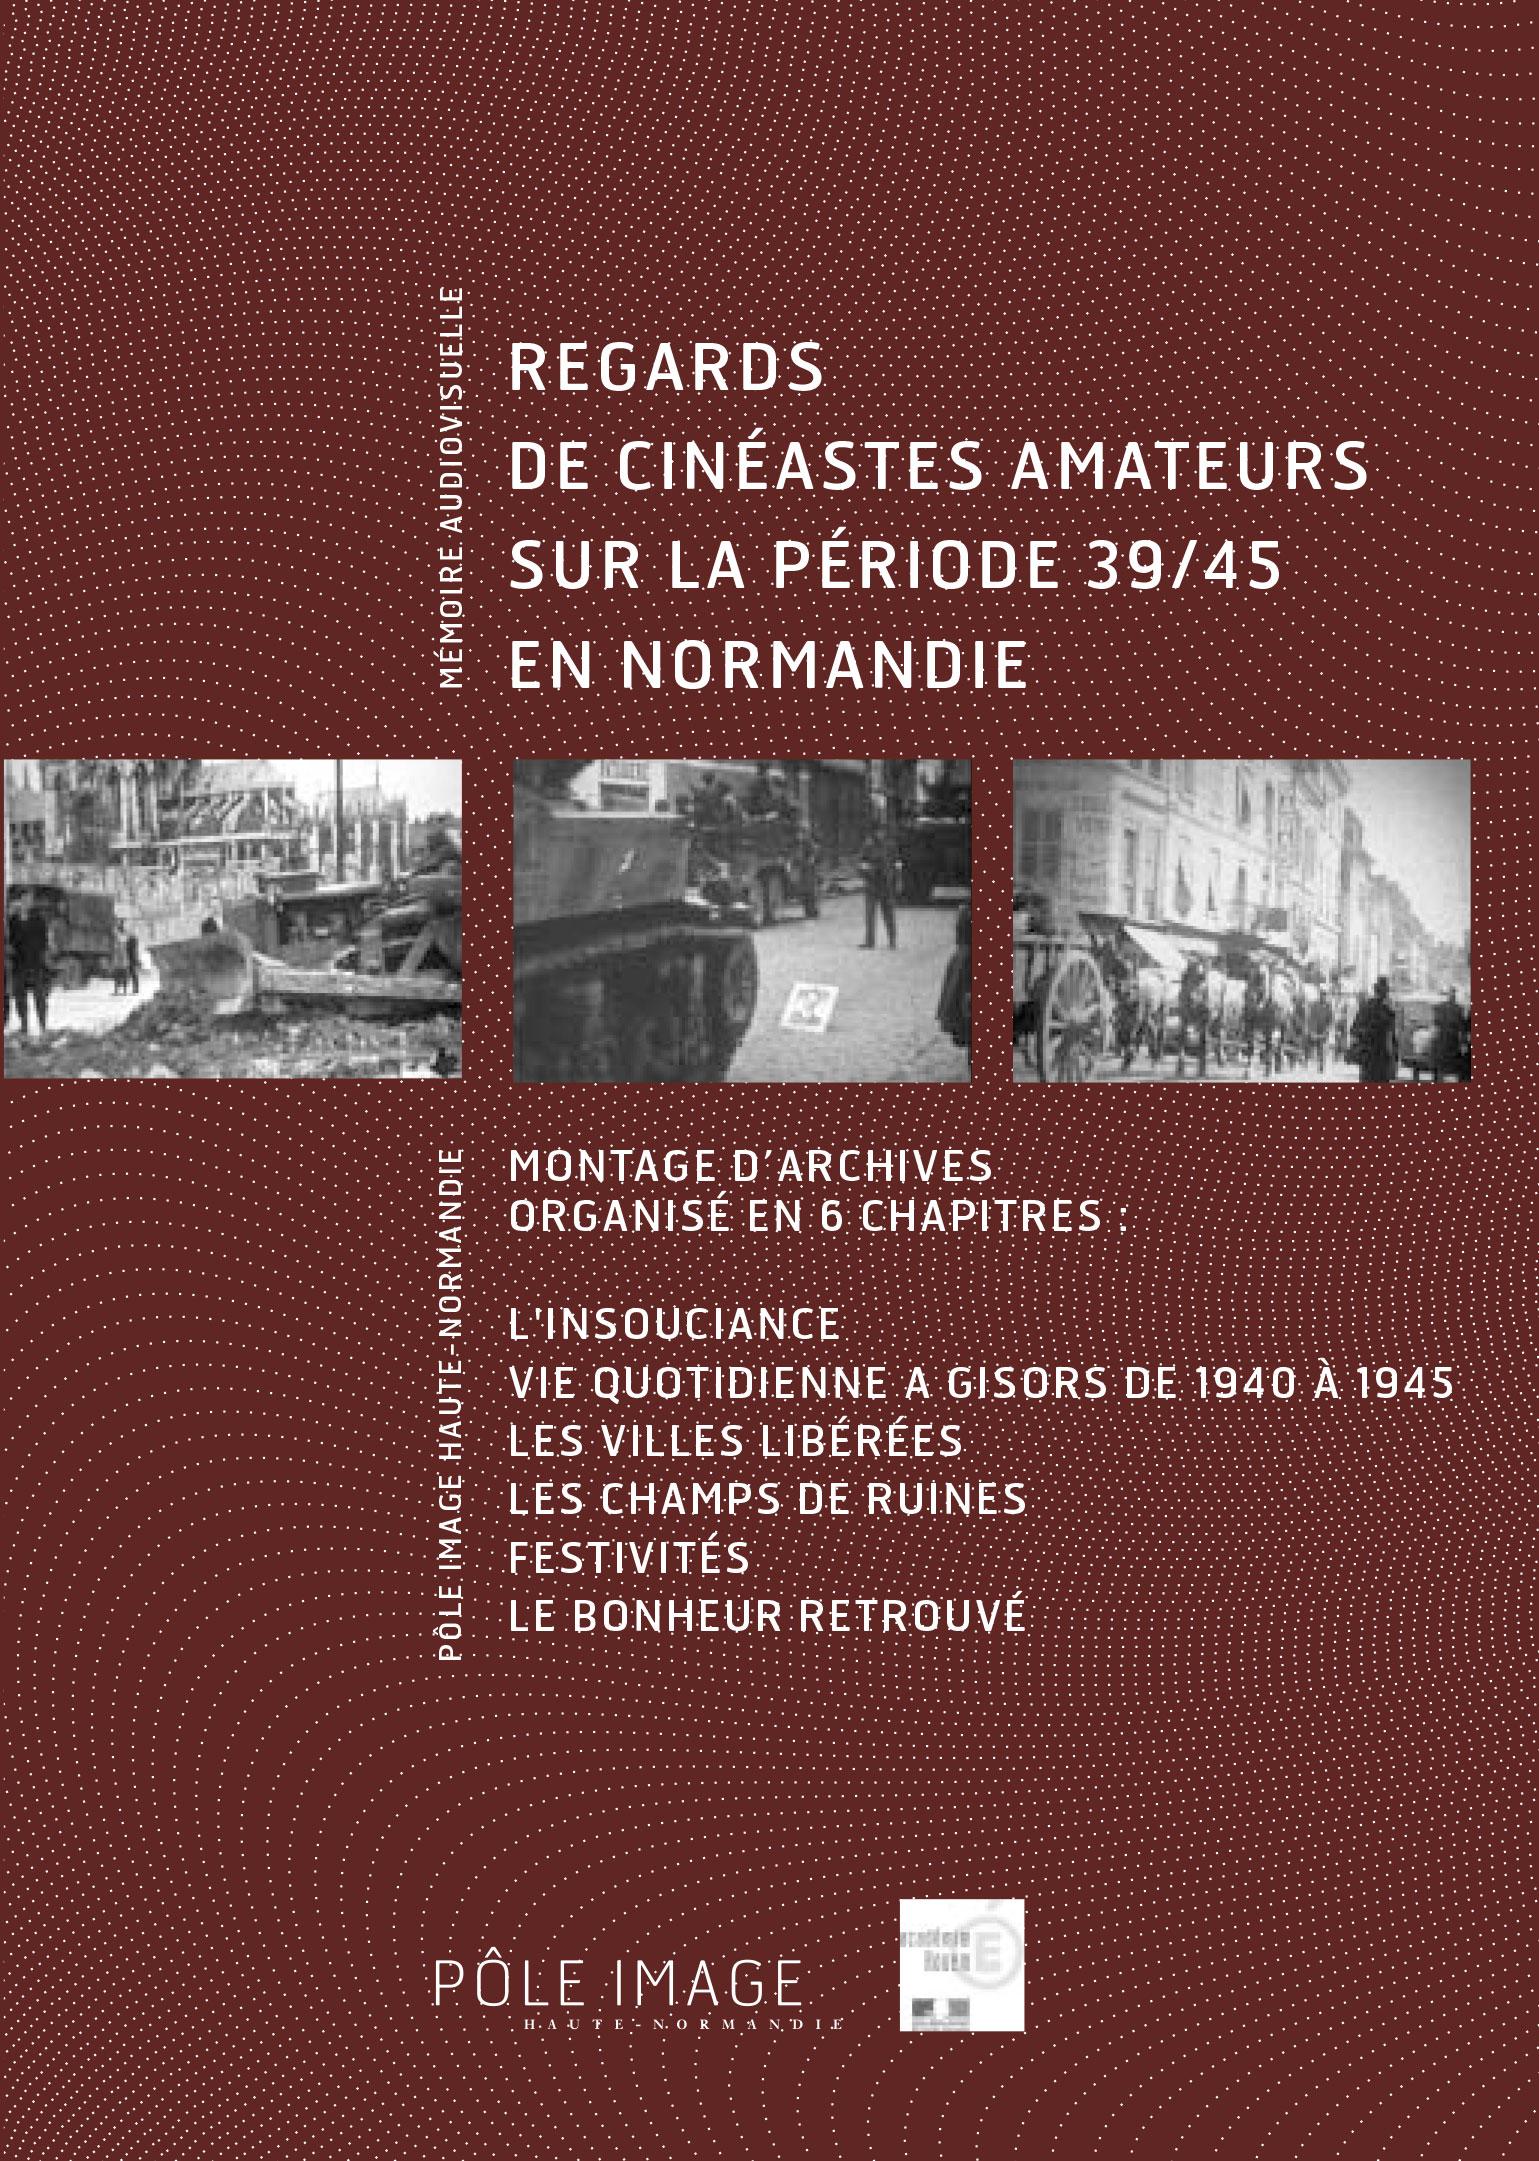 Regards de cinéastes amateurs sur la période 39/45 en Normandie